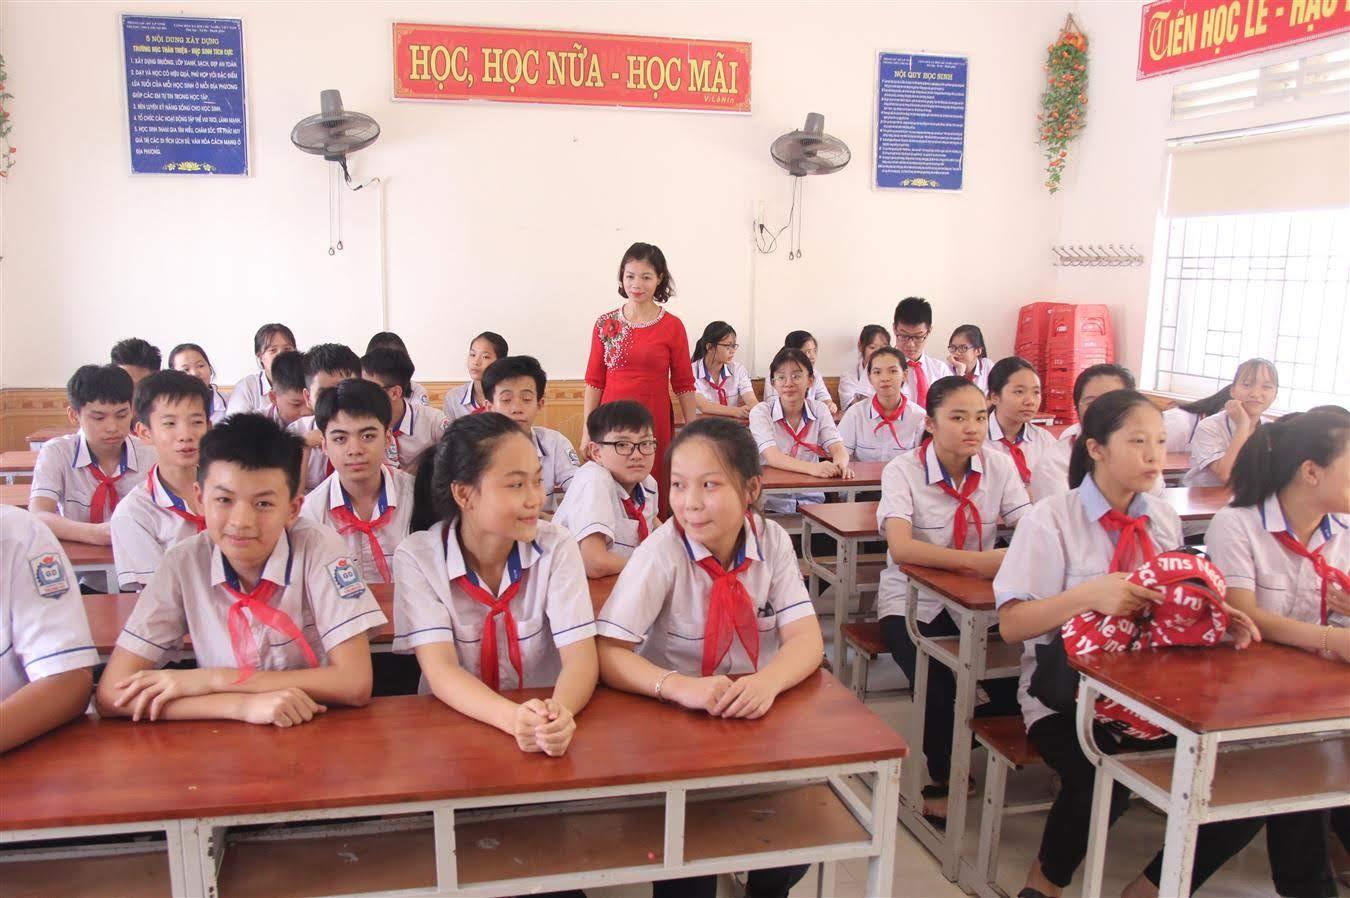 Thừa, thiếu giáo viên cục bộ diễn ra ở nhiều địa phương                                         gây ảnh hưởng đến chất lượng dạy và học